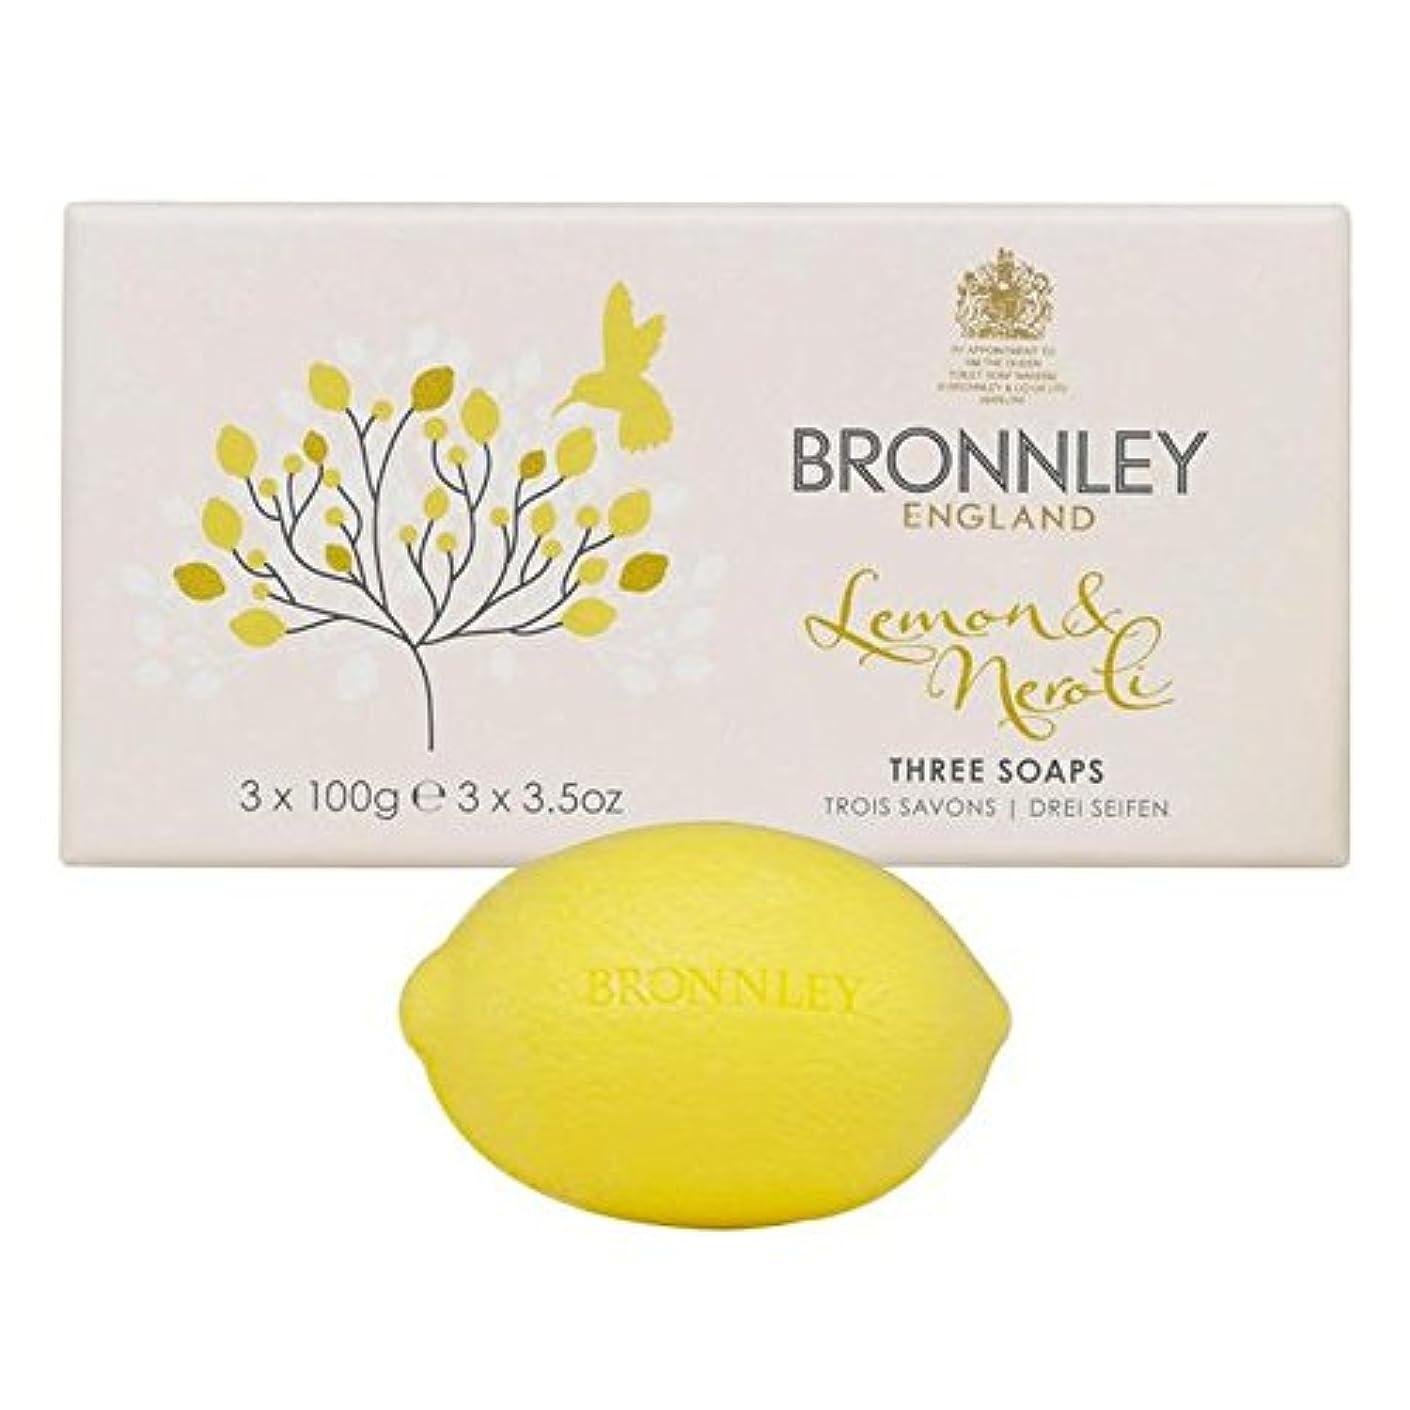 適用済み群がる凍結Bronnley Lemon & Neroli Soaps 3 x 100g - レモン&ネロリ石鹸3×100グラム [並行輸入品]